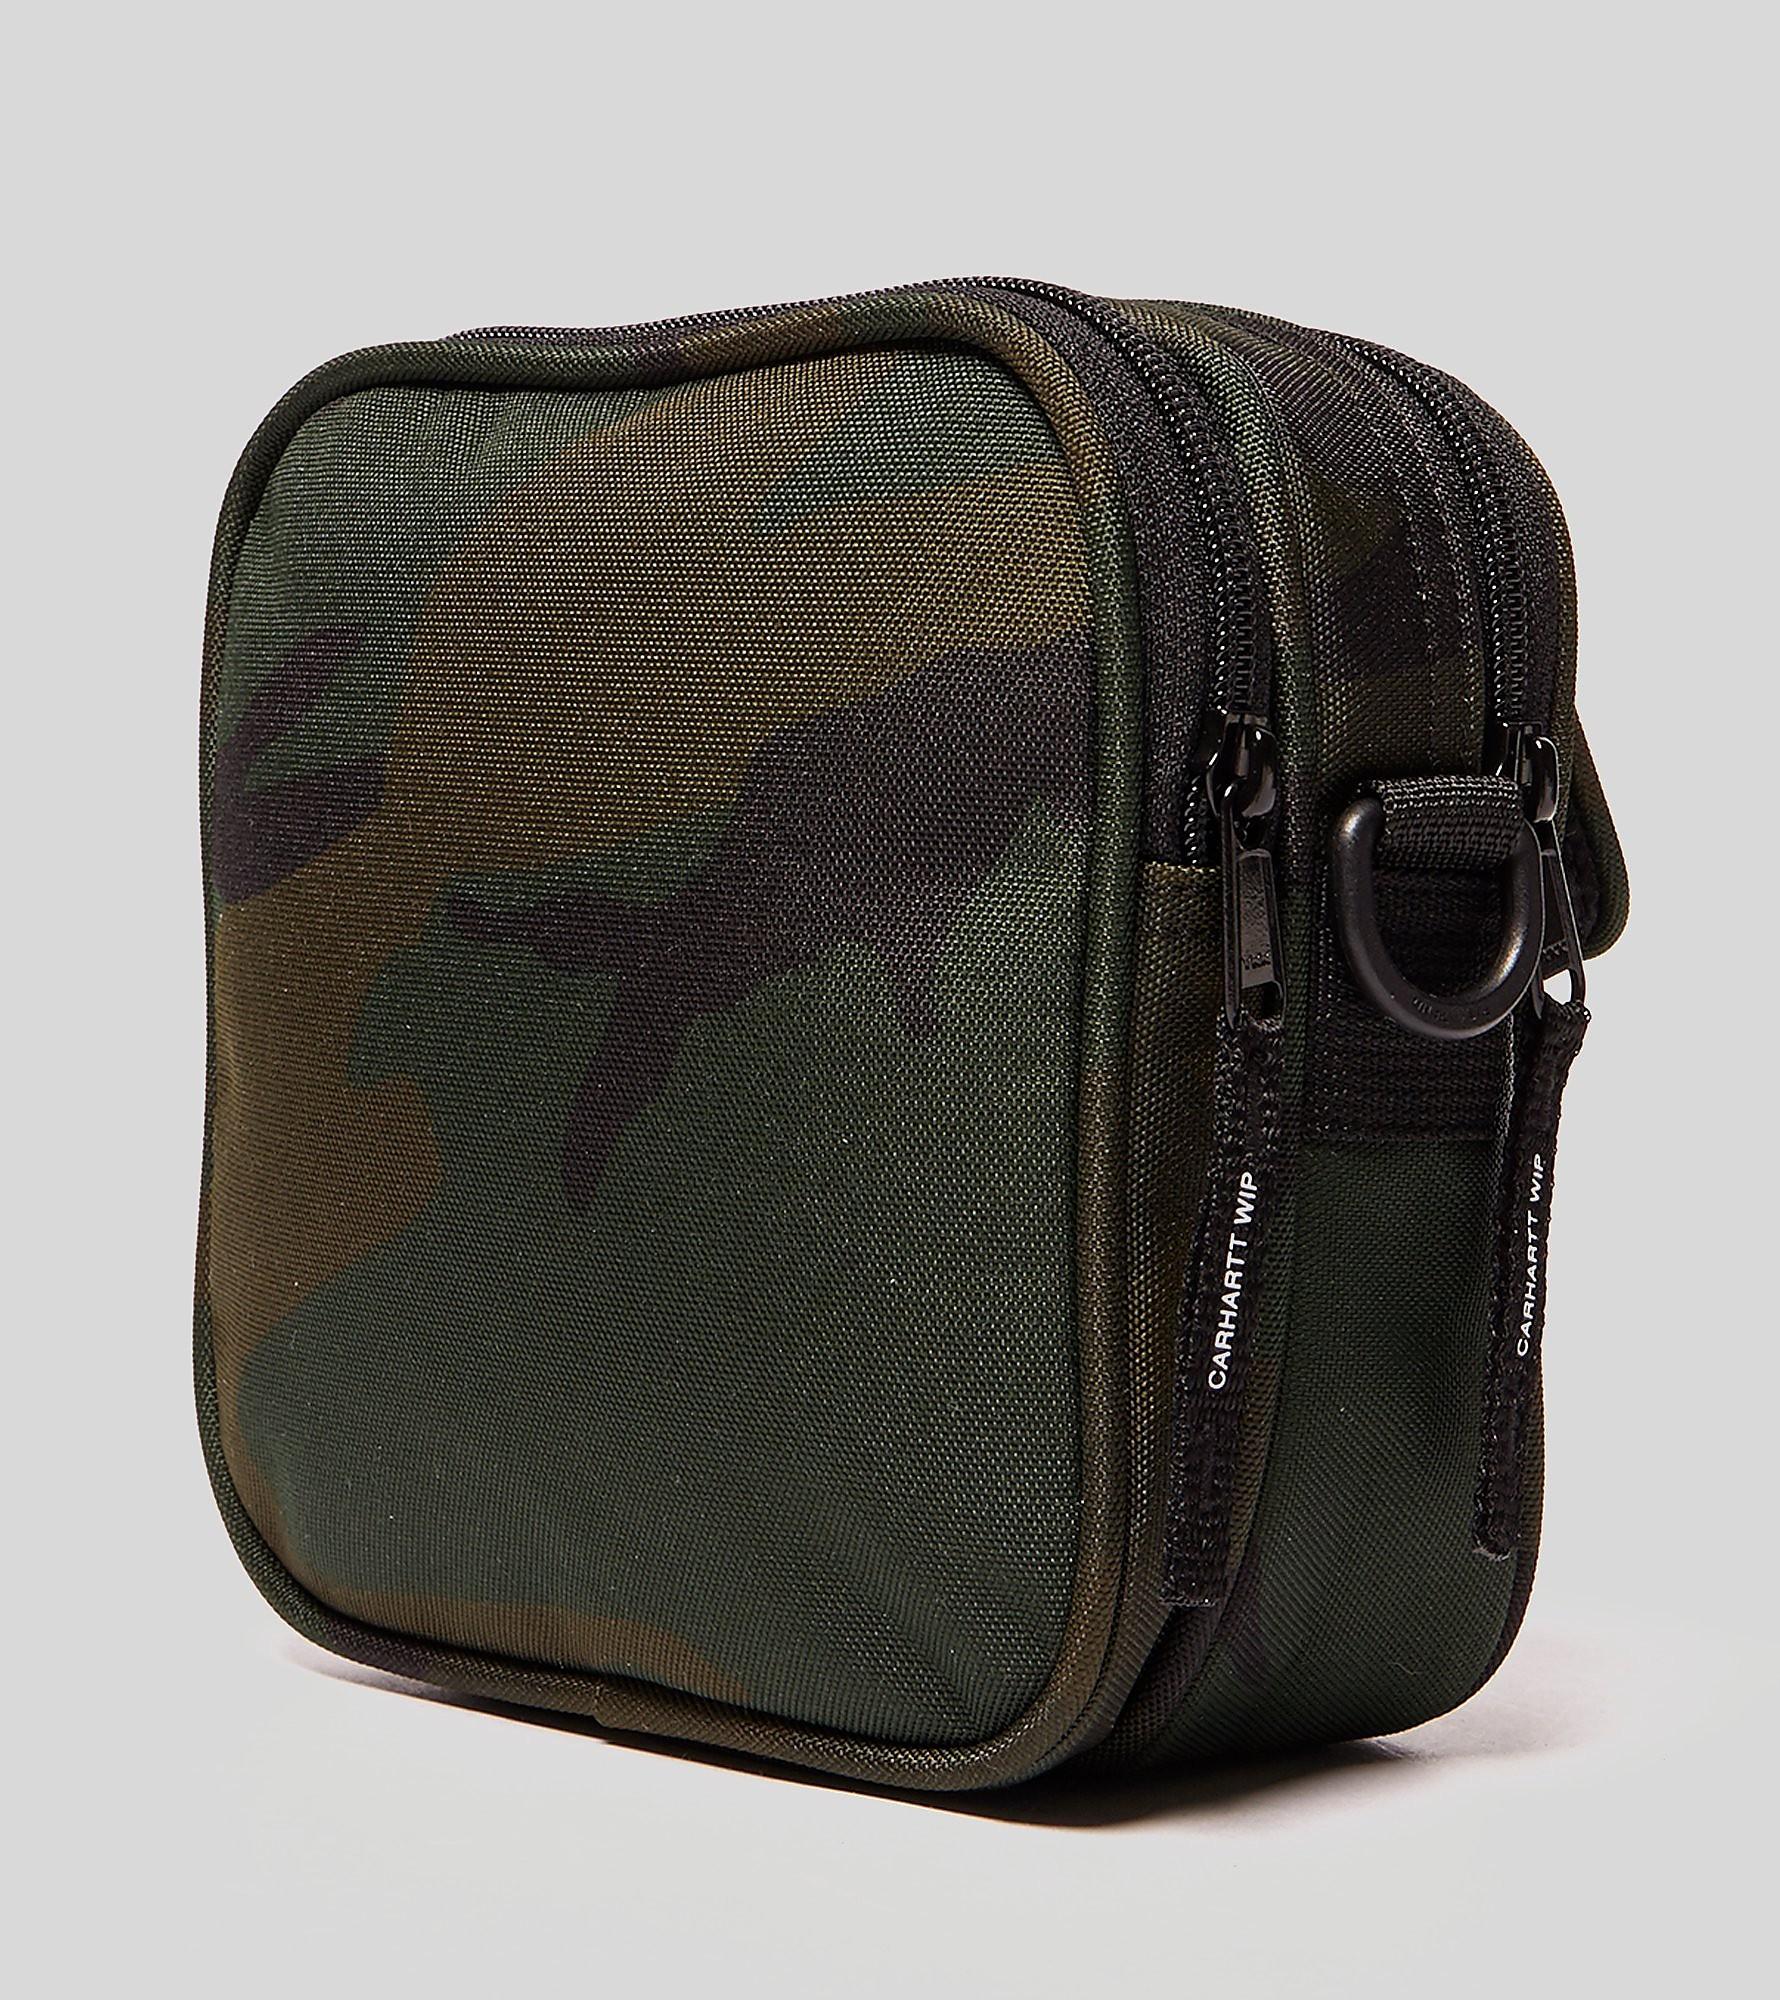 Carhartt WIP Essential Side Bag